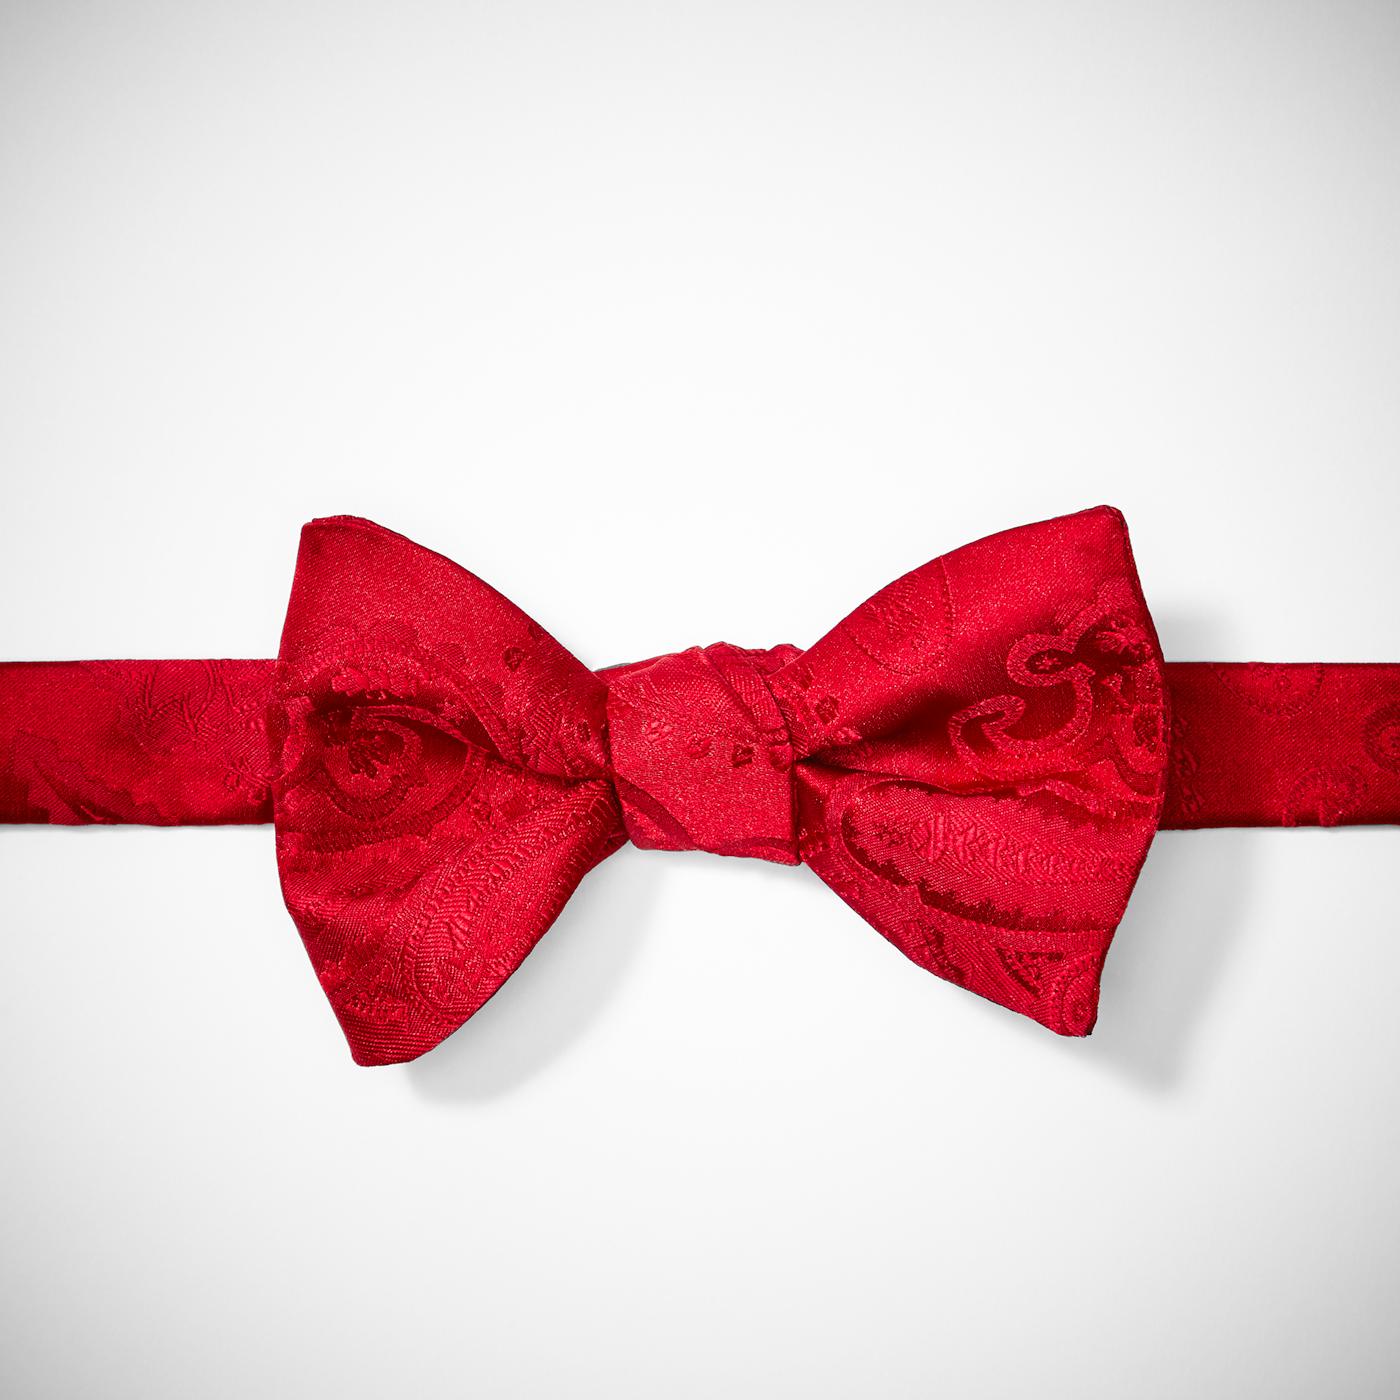 Ruby Valentina Paisley Pre-Tied Bow Tie